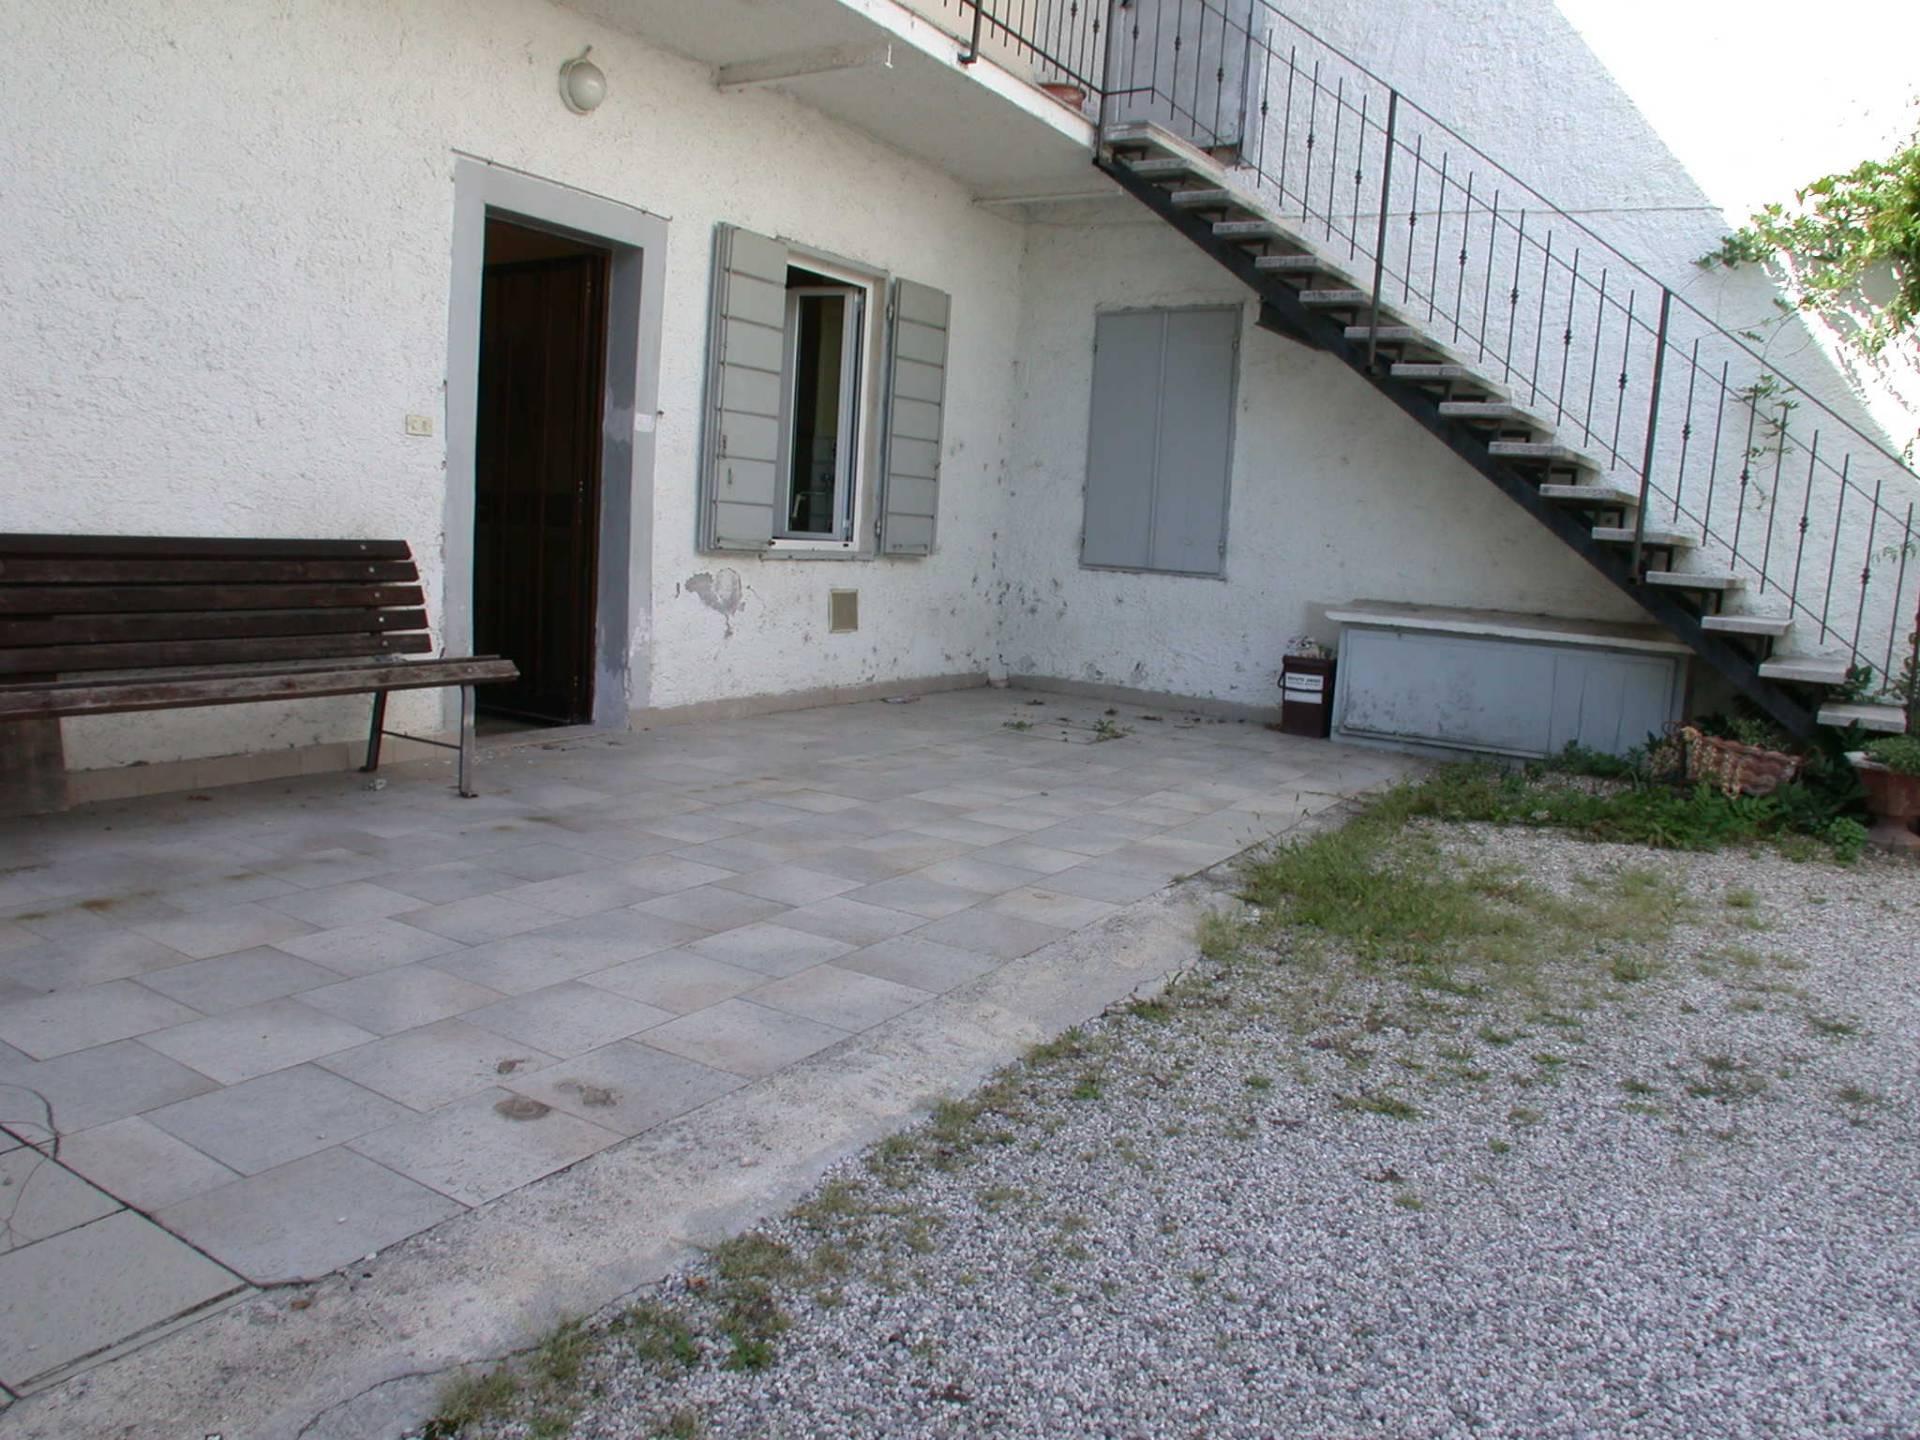 Appartamento in vendita a Gorizia, 3 locali, zona Zona: Lucinico, prezzo € 38.000 | CambioCasa.it